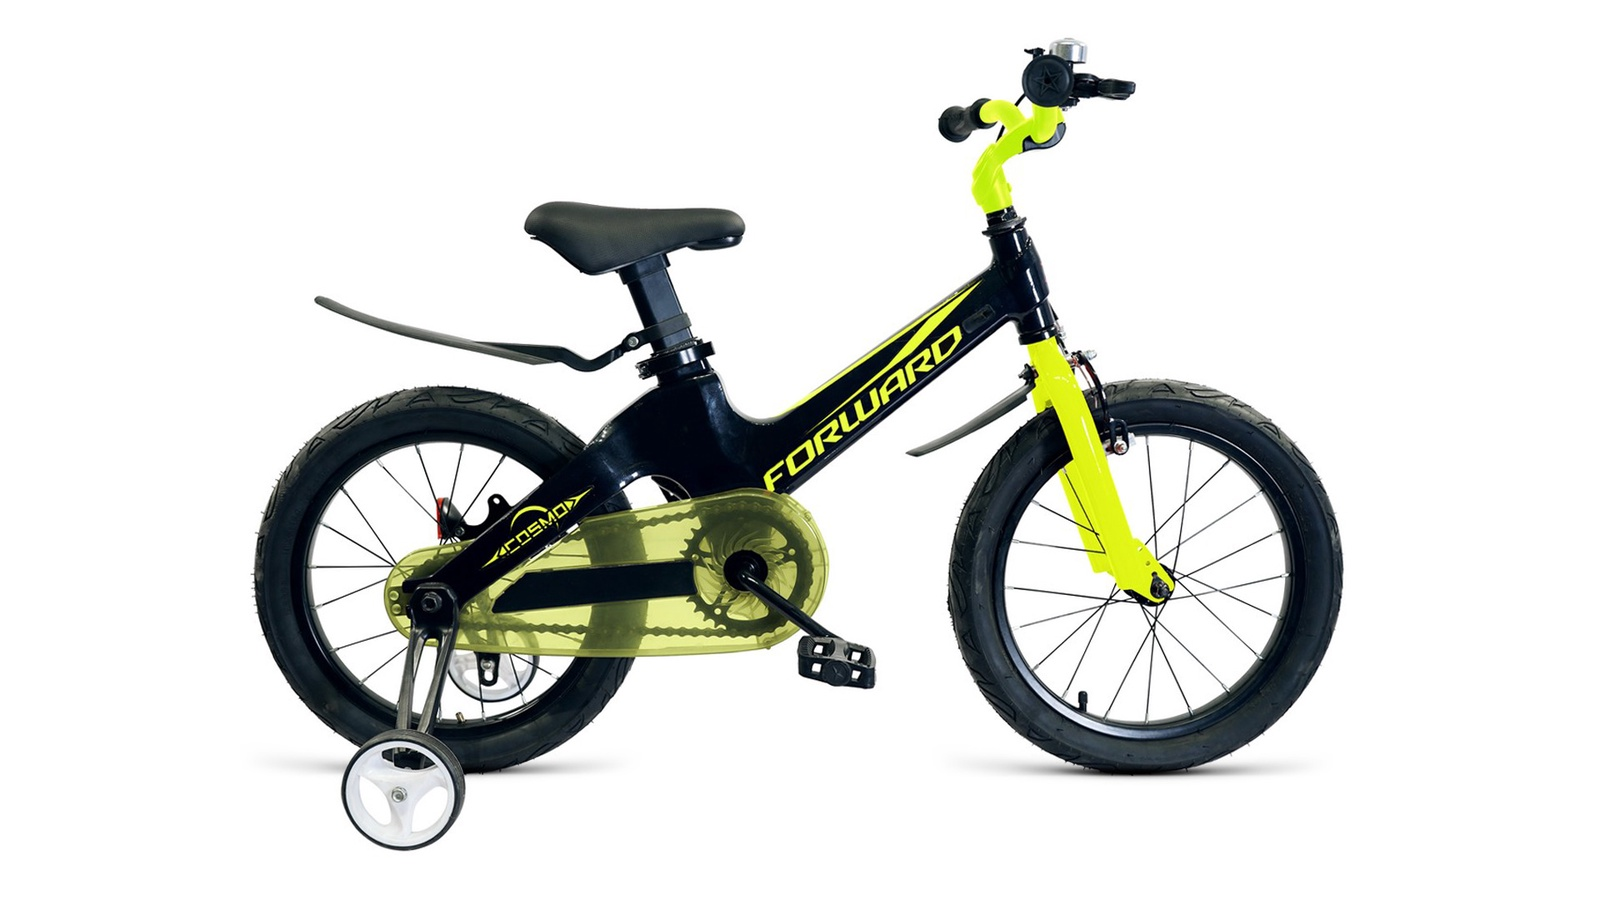 Велосипед Forward Cosmo, черный, зеленый